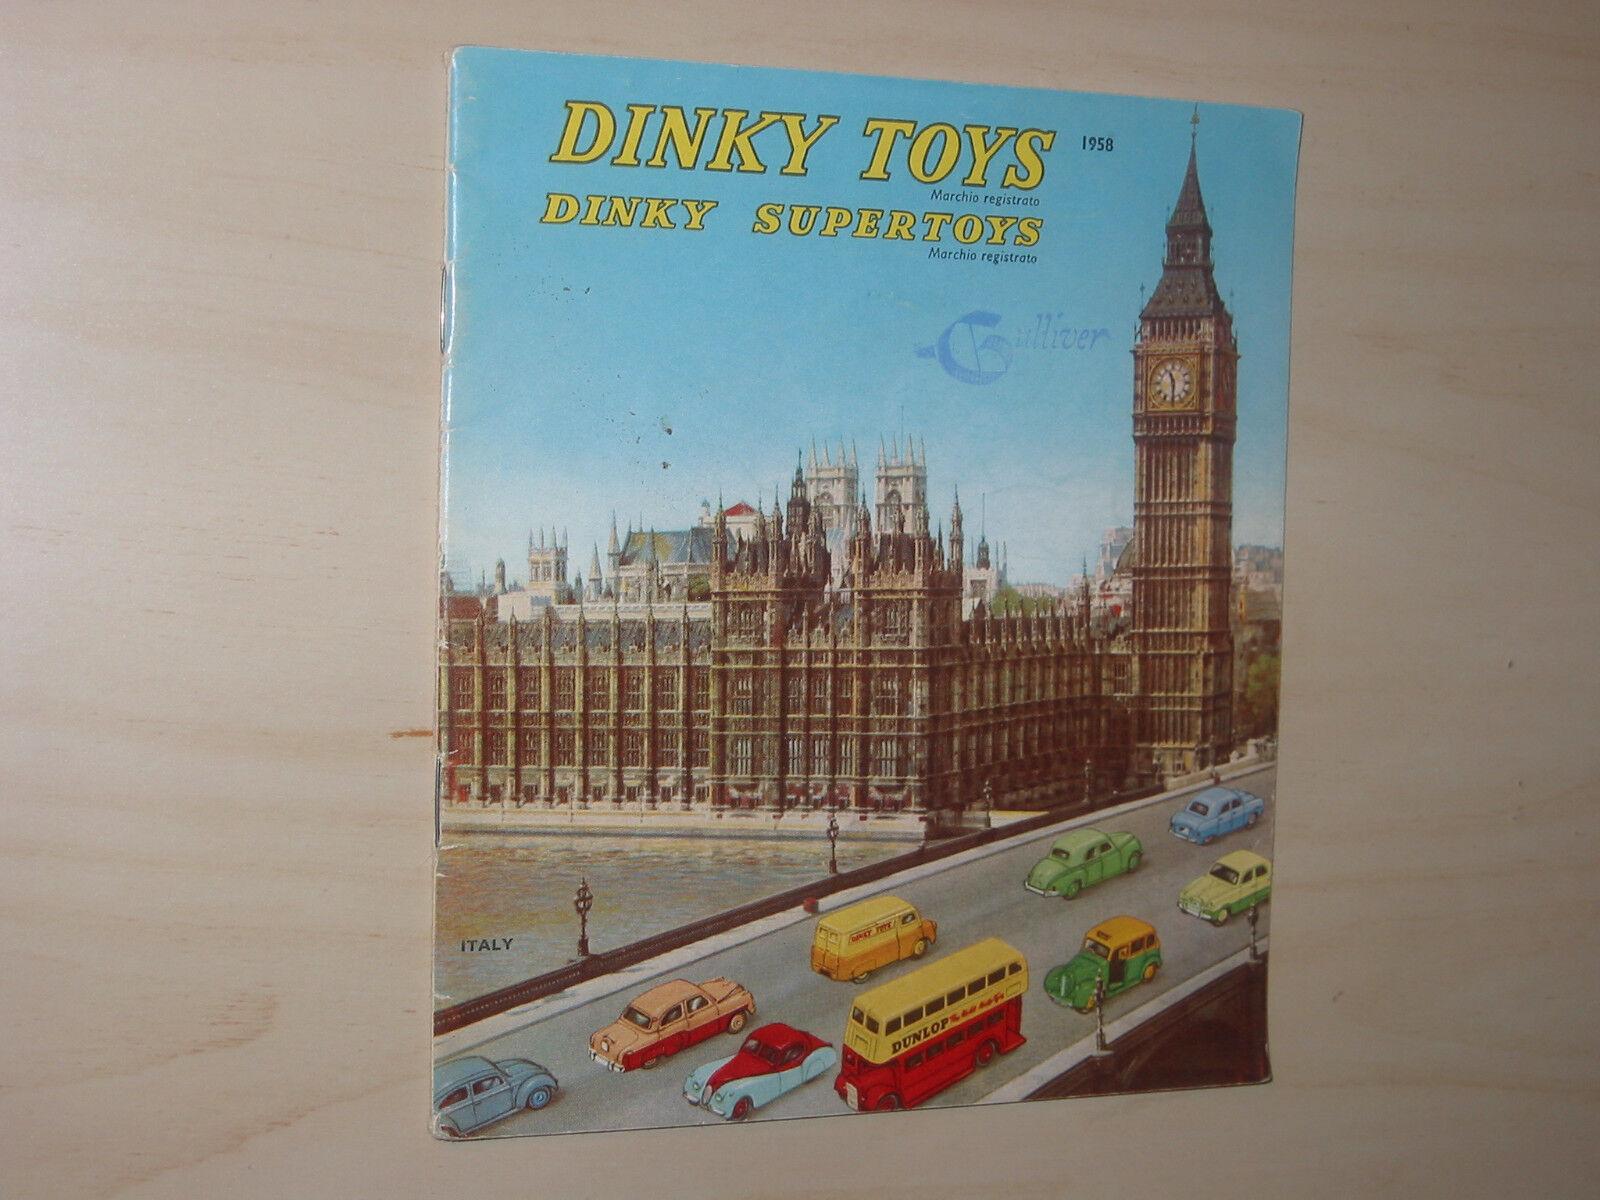 Original Vintage 1958 Meccano Ltd Dinky Juguetes & súperJuguetes catálogo Reino Unido Gulliver